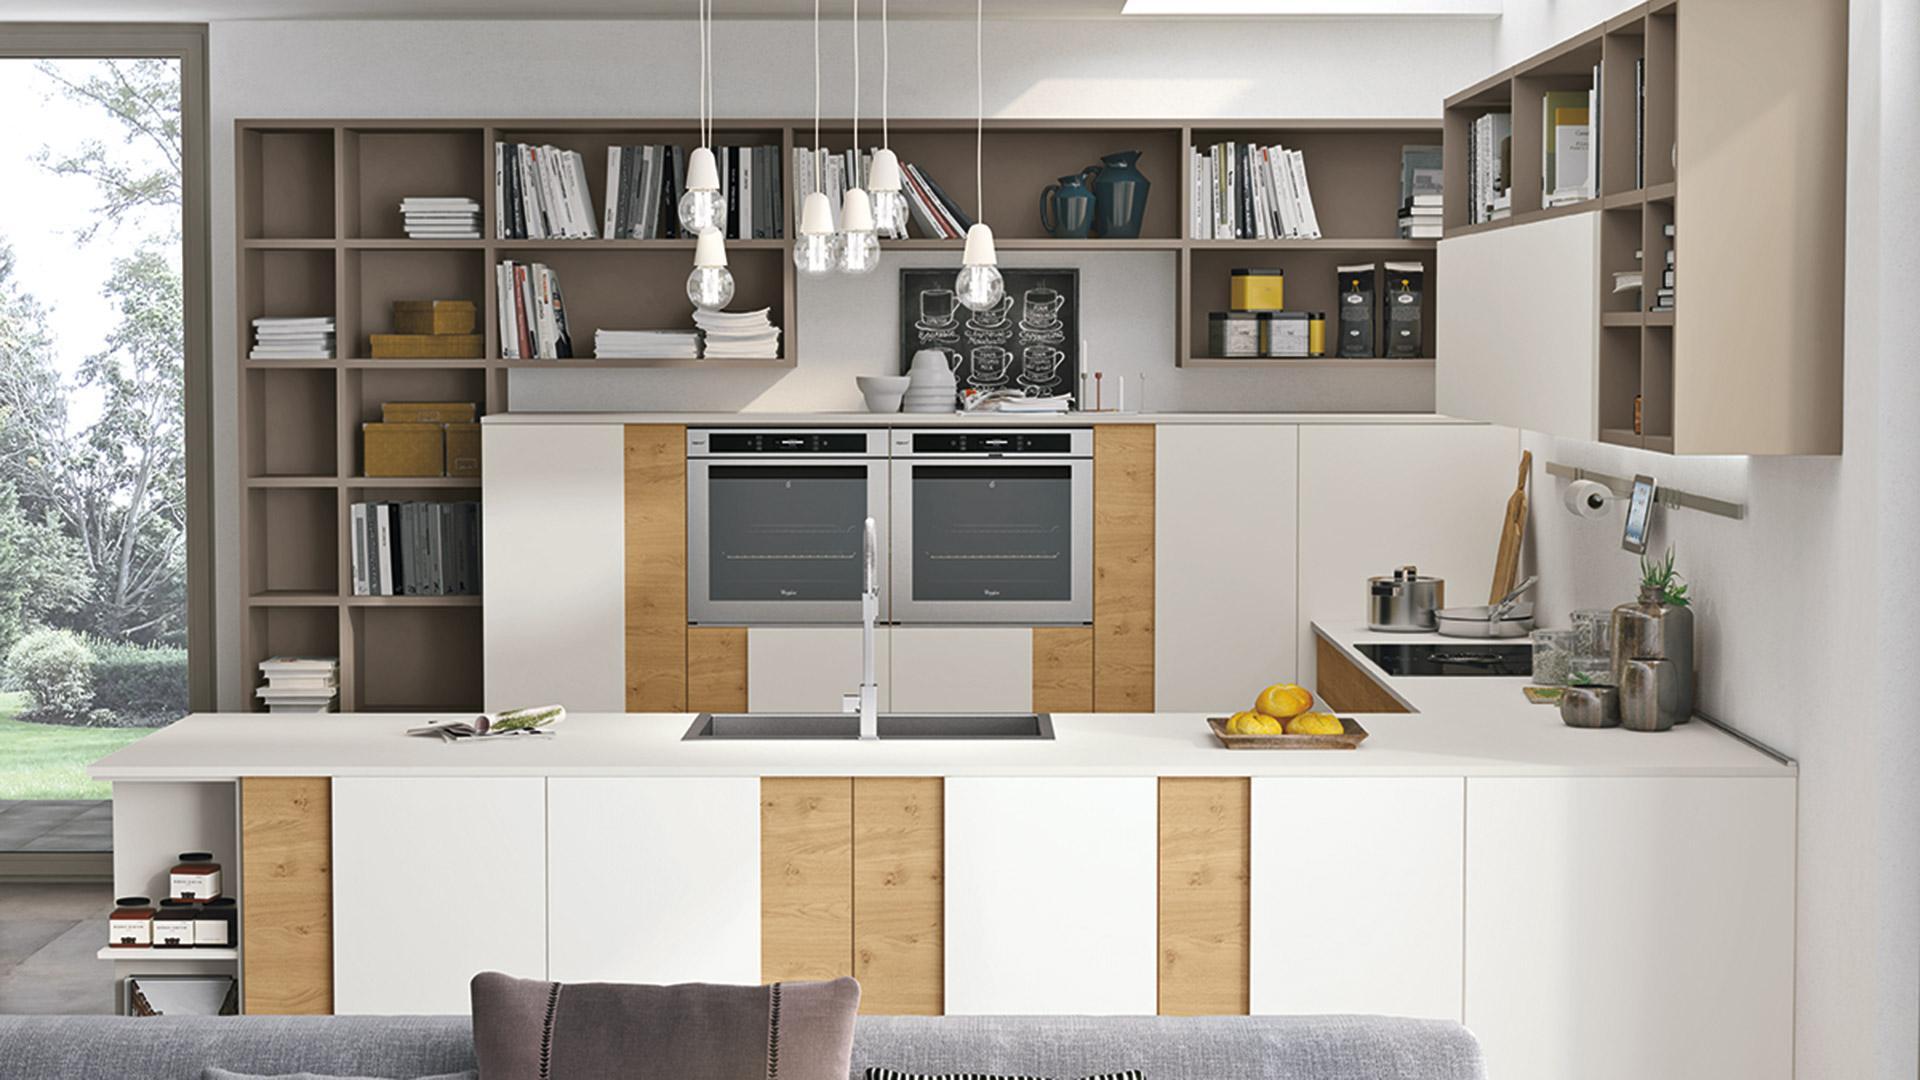 Cucina creativa lube creo store corsico viale italia 22 - Cucina creativa lube ...